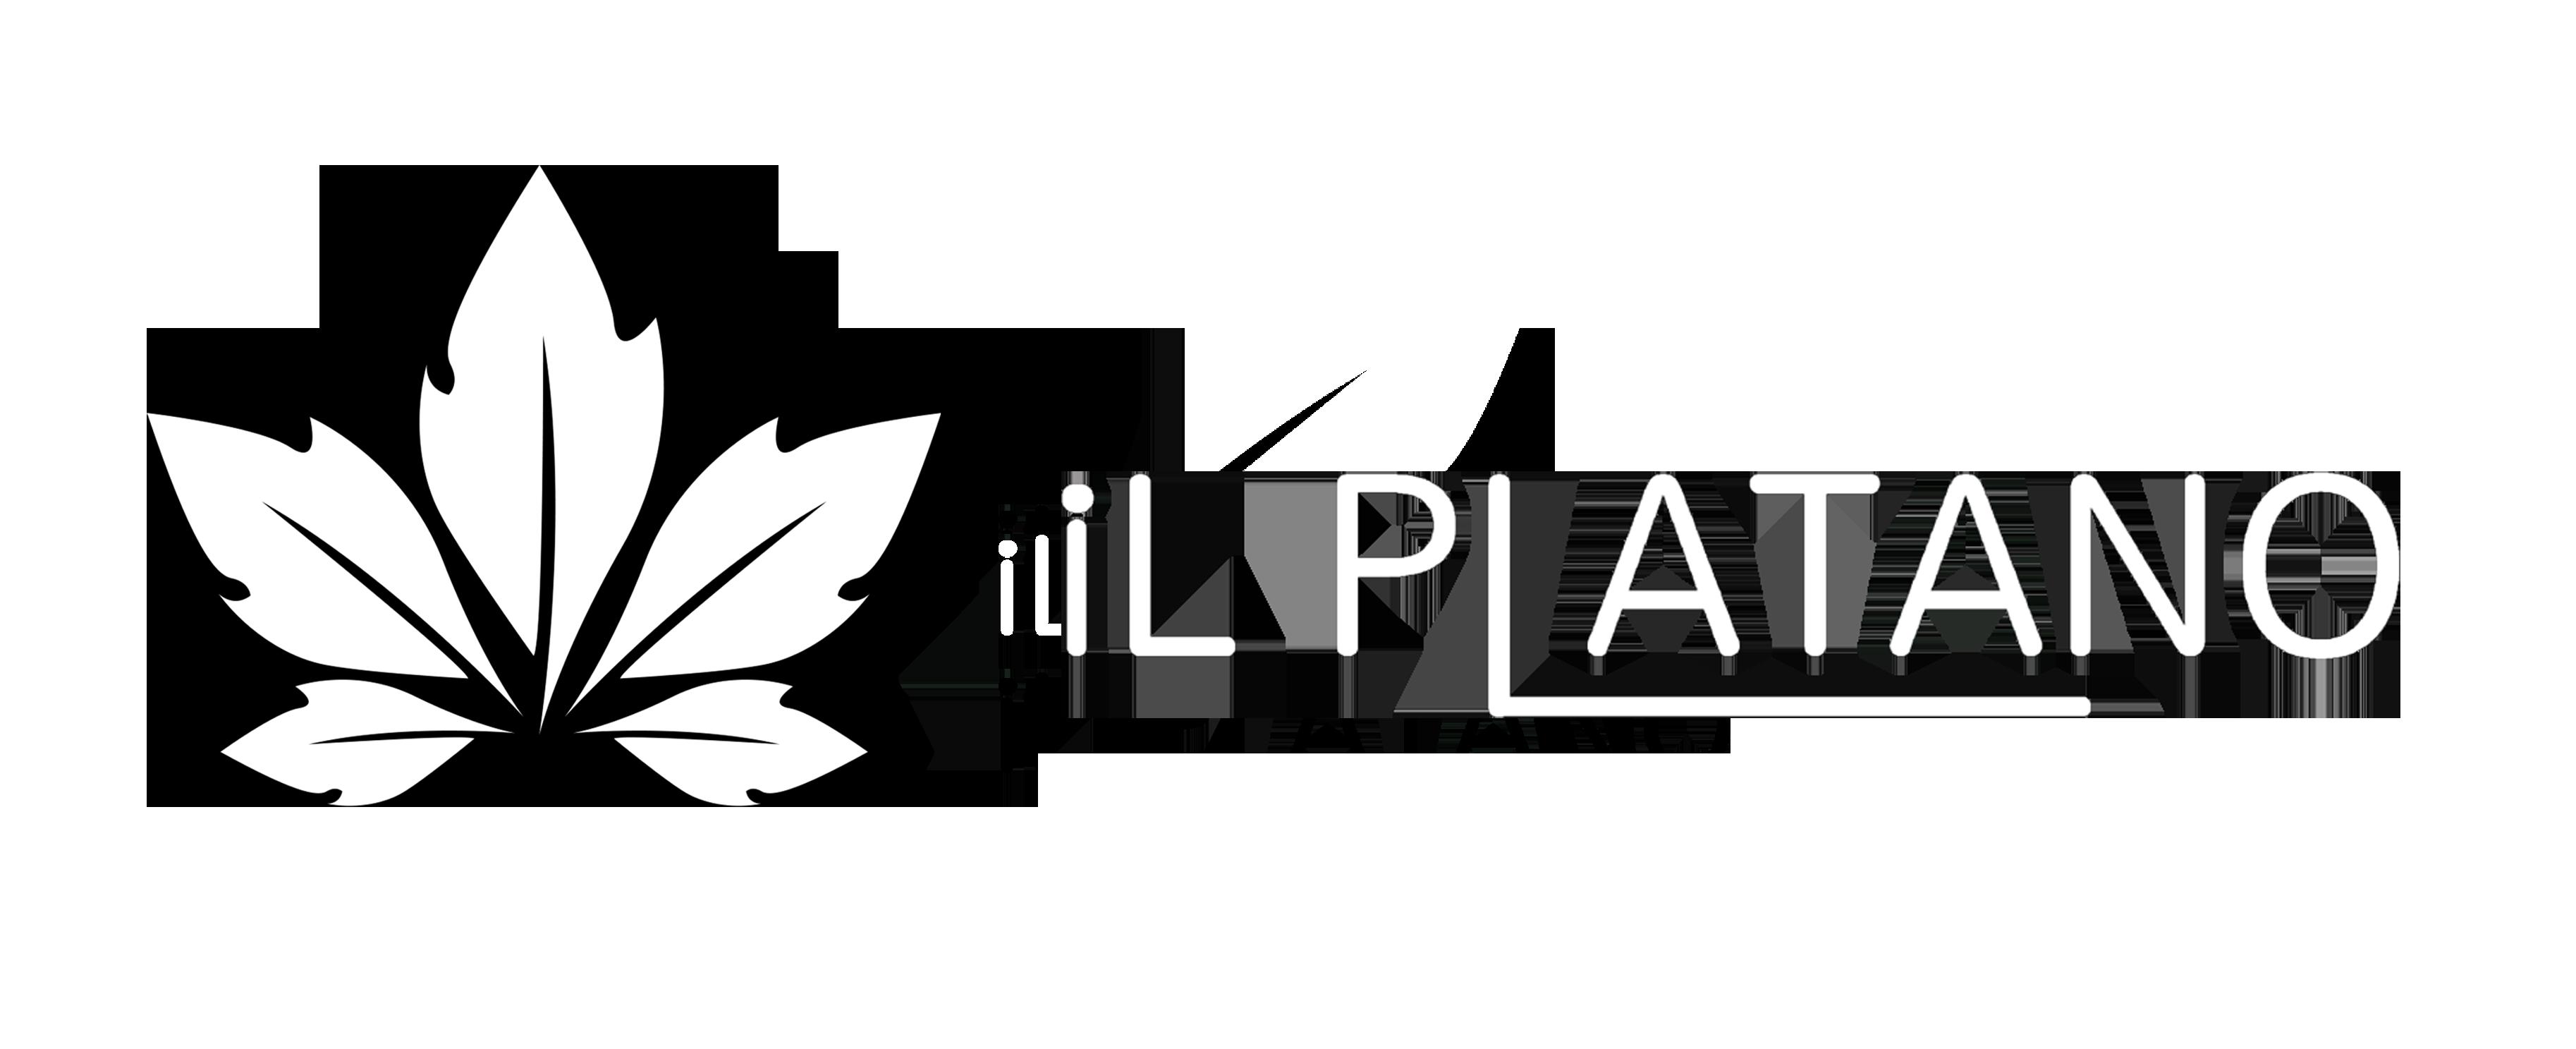 logo_big_il_platano